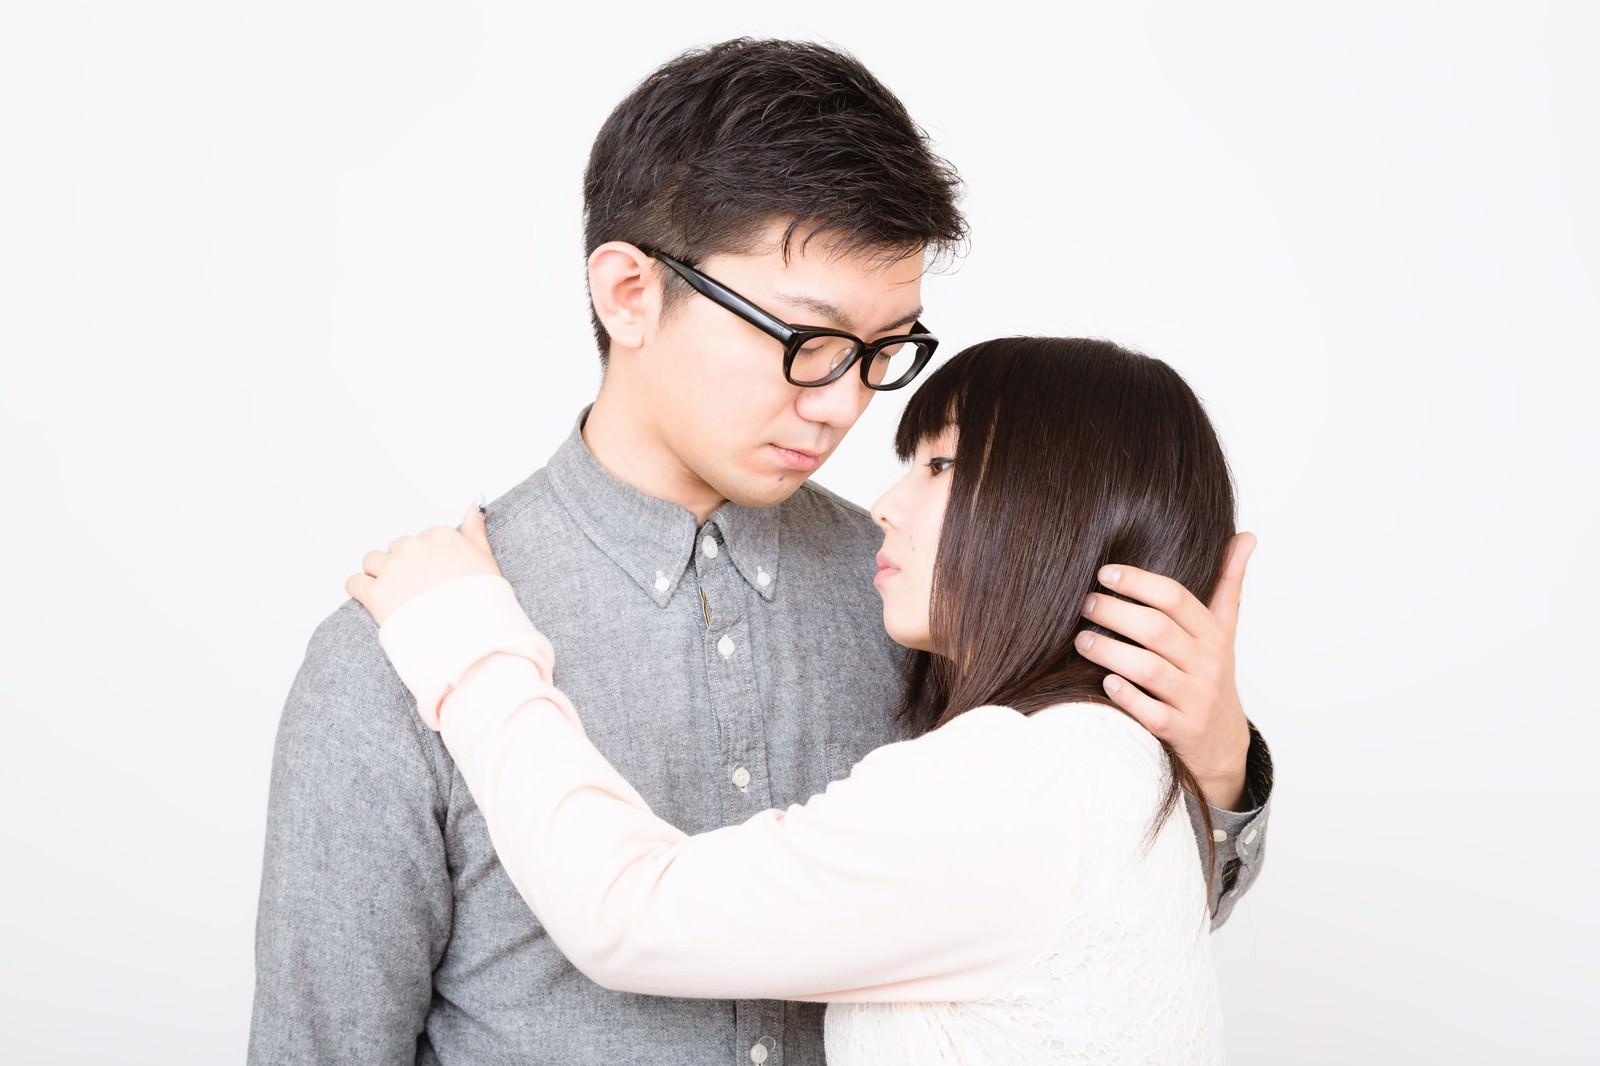 「口付けをしようと彼女をやさしく抱擁する彼氏口付けをしようと彼女をやさしく抱擁する彼氏」[モデル:OZPA Lala]のフリー写真素材を拡大